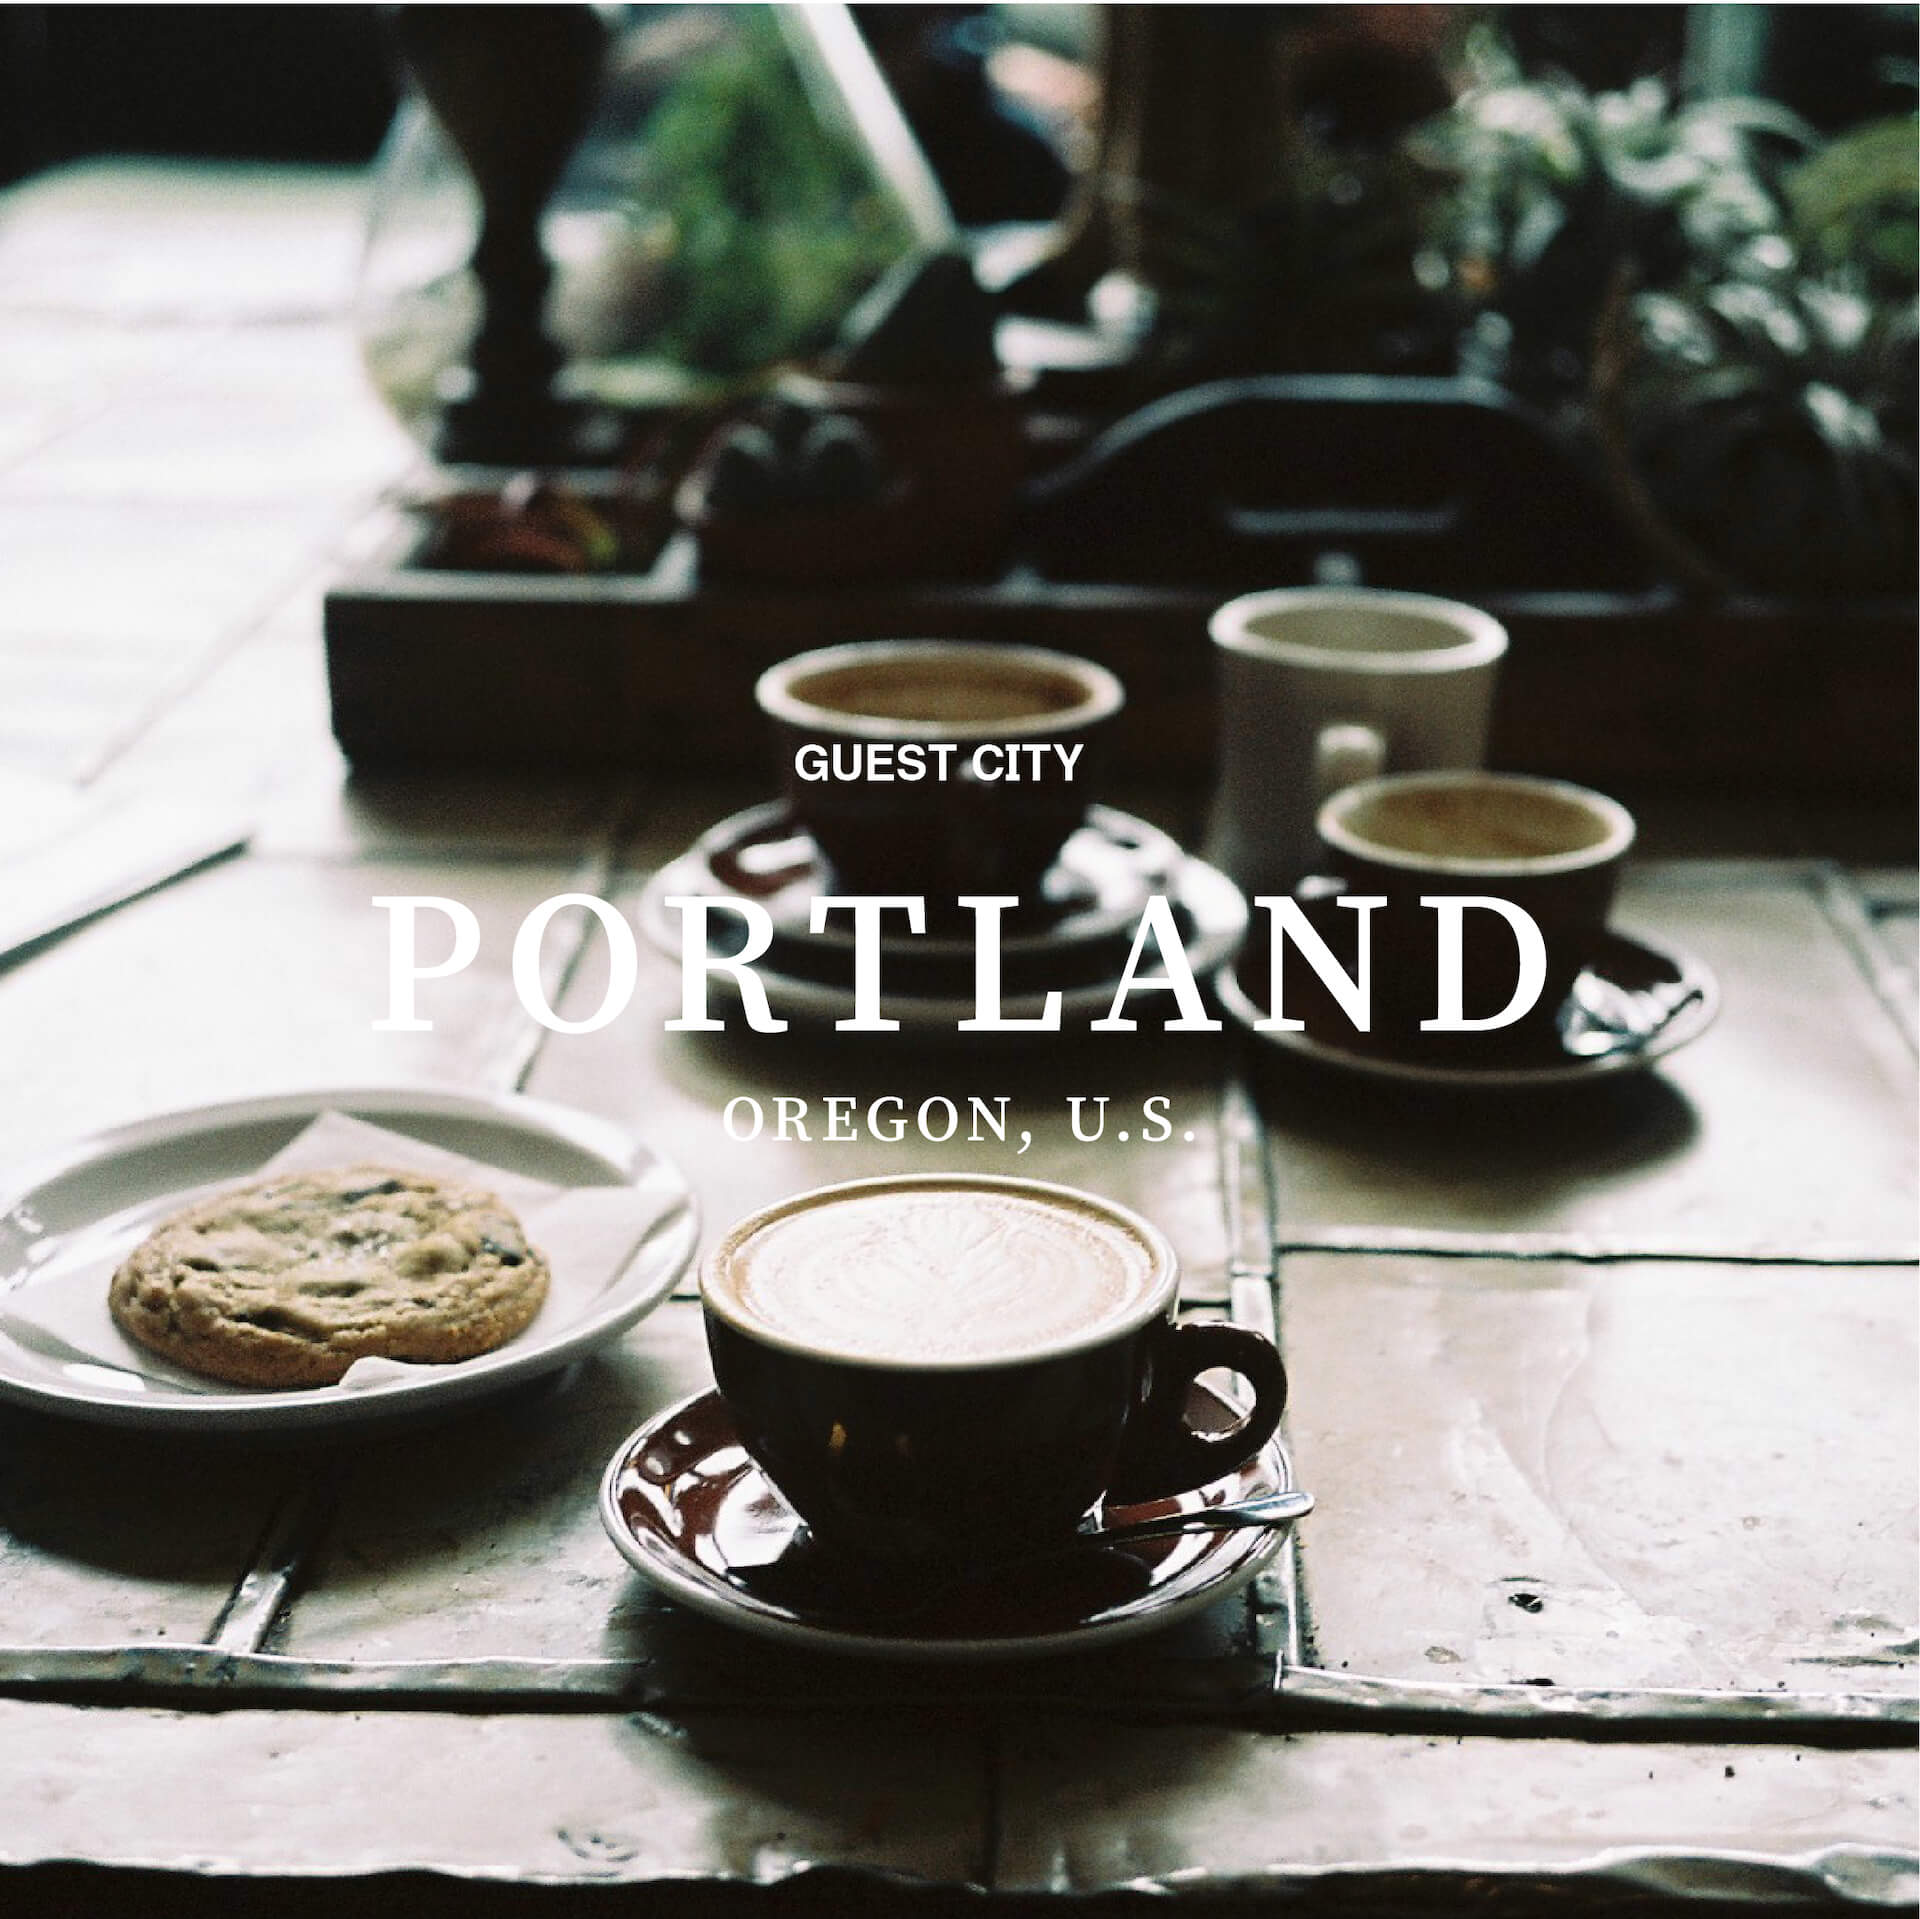 毎年恒例のコーヒーの祭典<TOKYO COFFEE FESTIVAL>が今年も開催|アメリカ・ポートランドのコーヒーカルチャーを特集 190926groumet_tokyocoffeefes_04